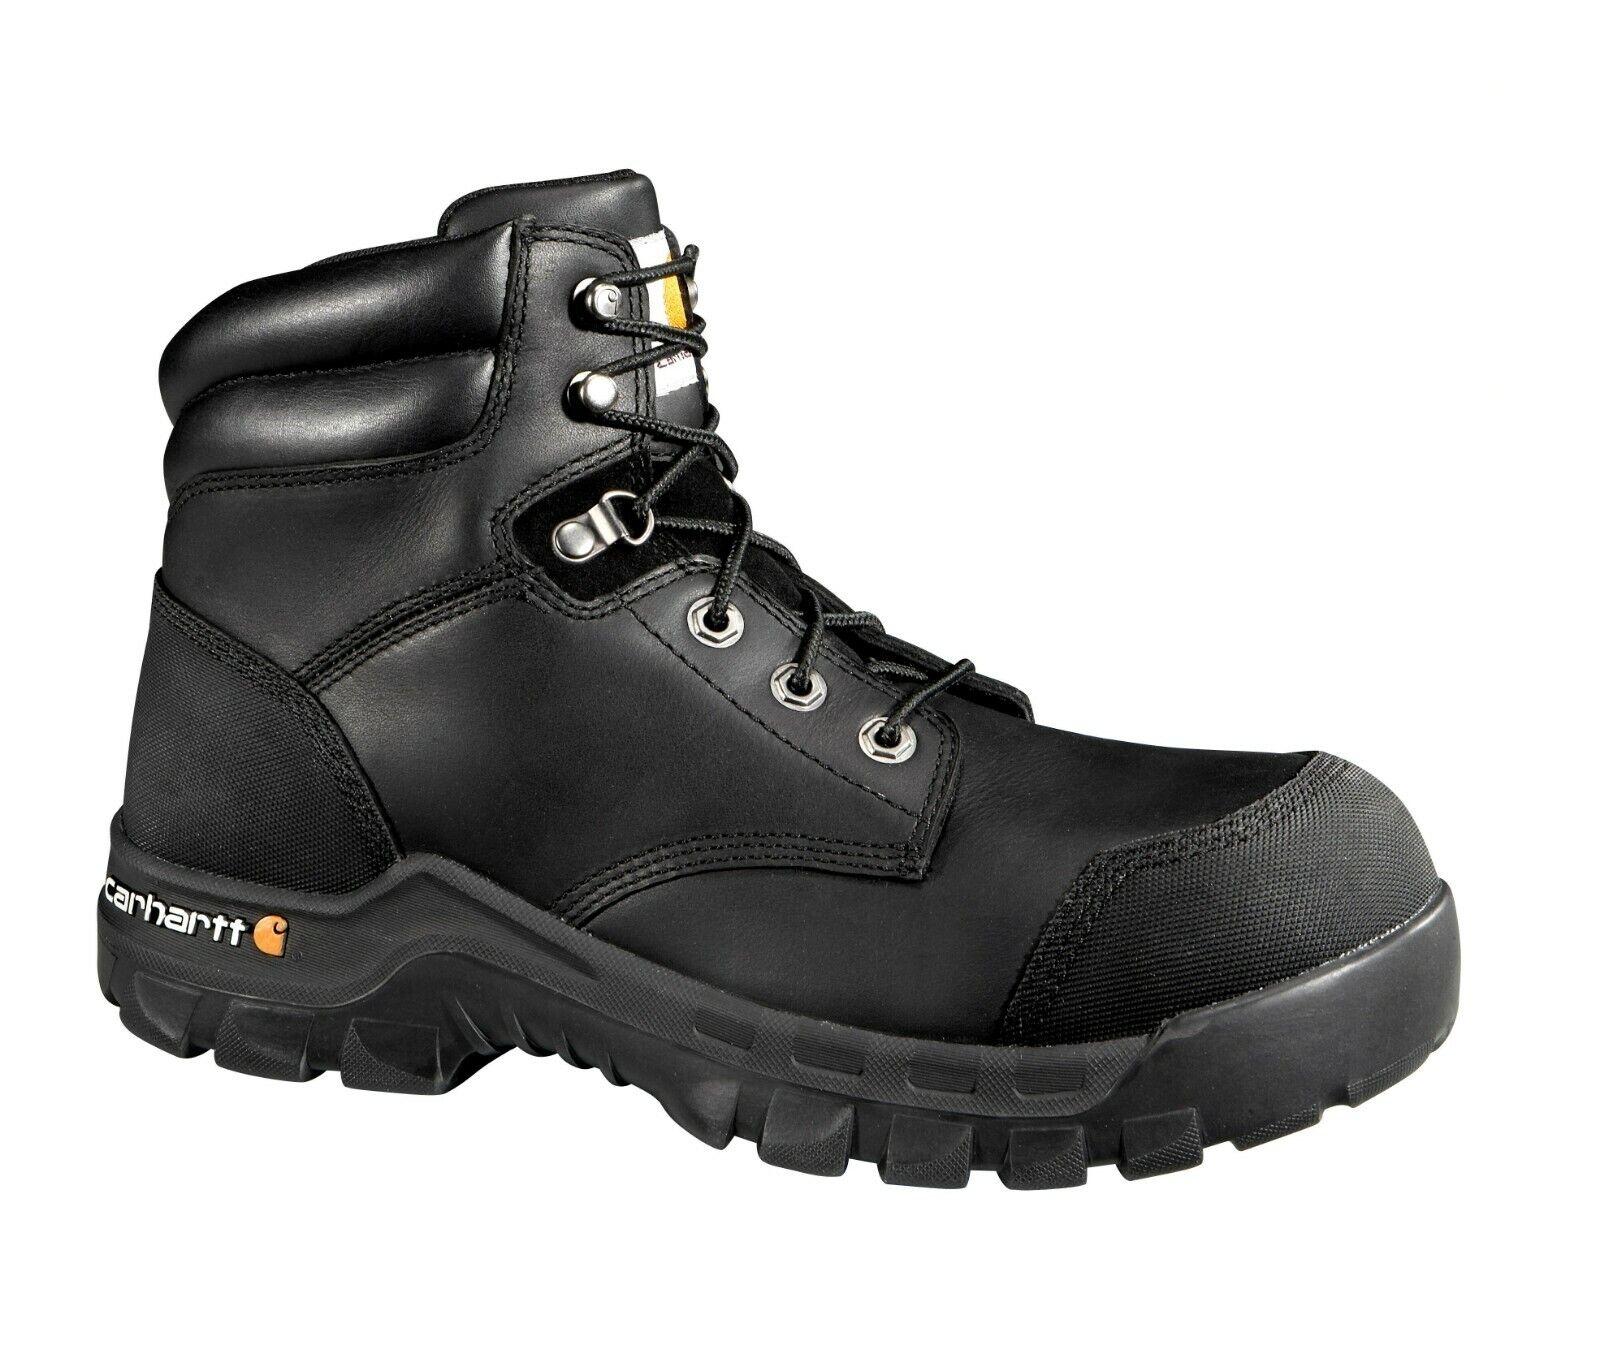 Zapatos De Cuero Carhartt CMF6371 para Hombre Resistente Flex 6  Composite Toe botas De Trabajo